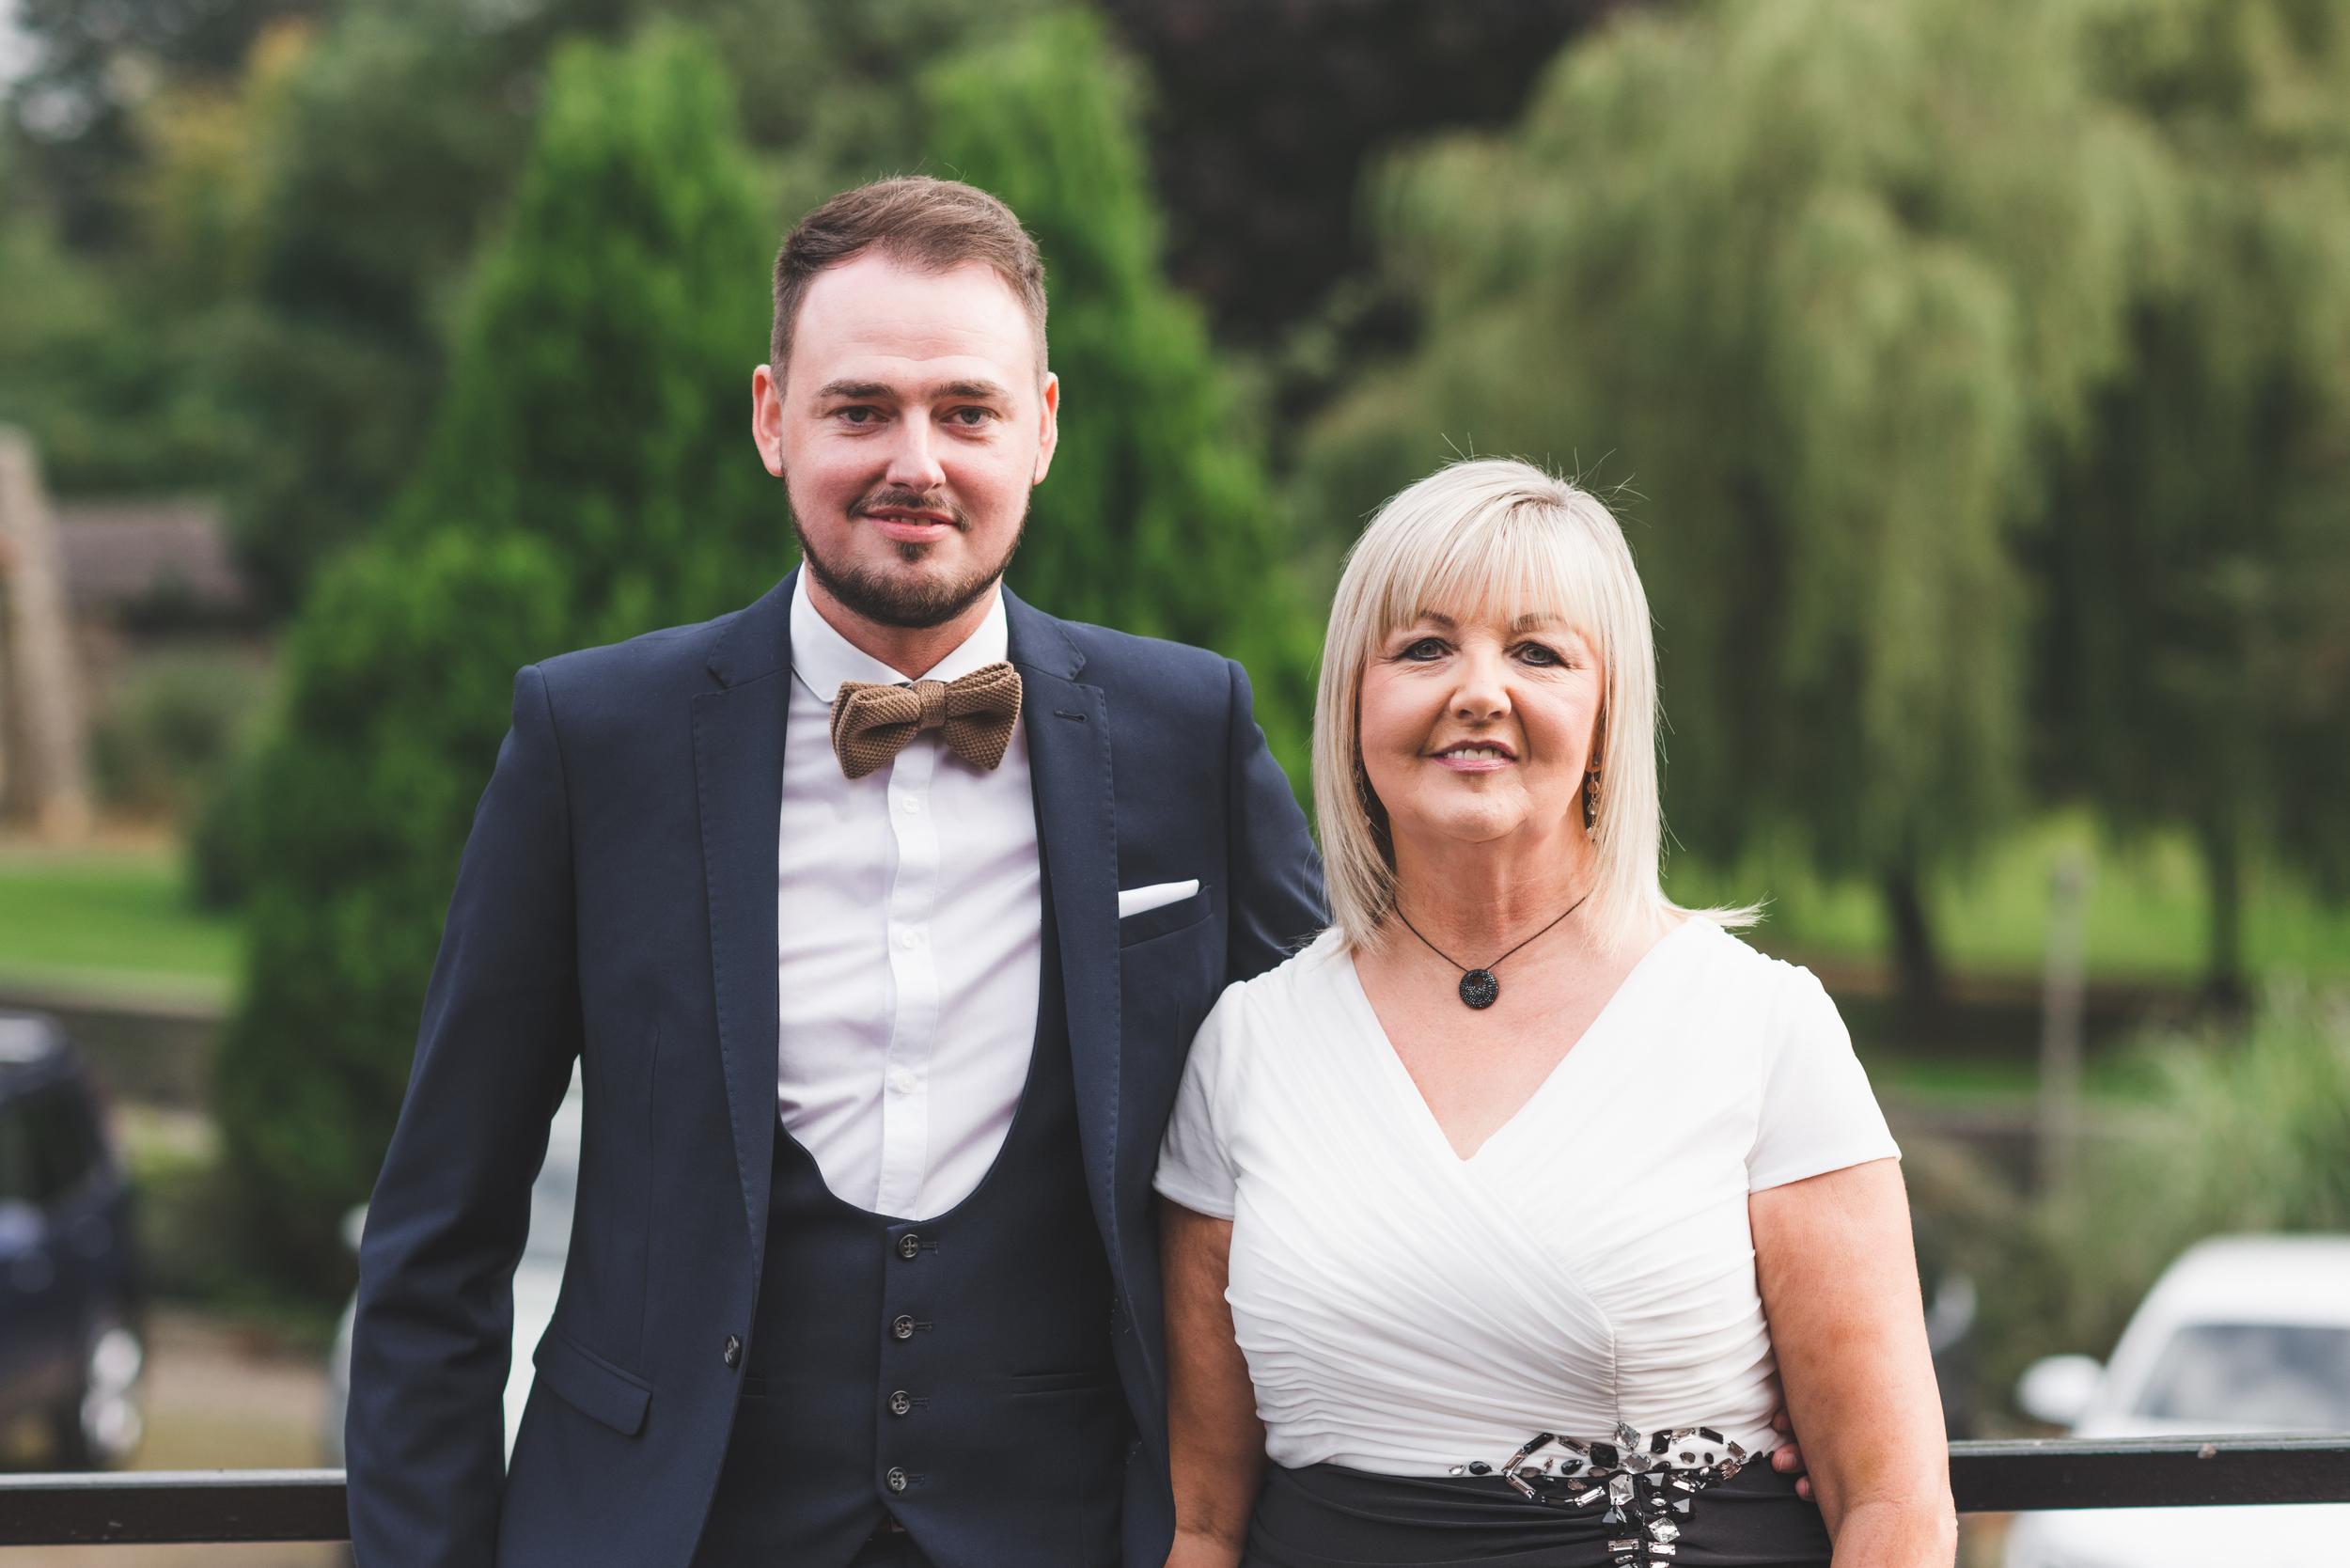 Northern_Ireland_Wedding_Photographer_Purephotoni_Weavers_Lodge_Groom_mother_of_the_groom